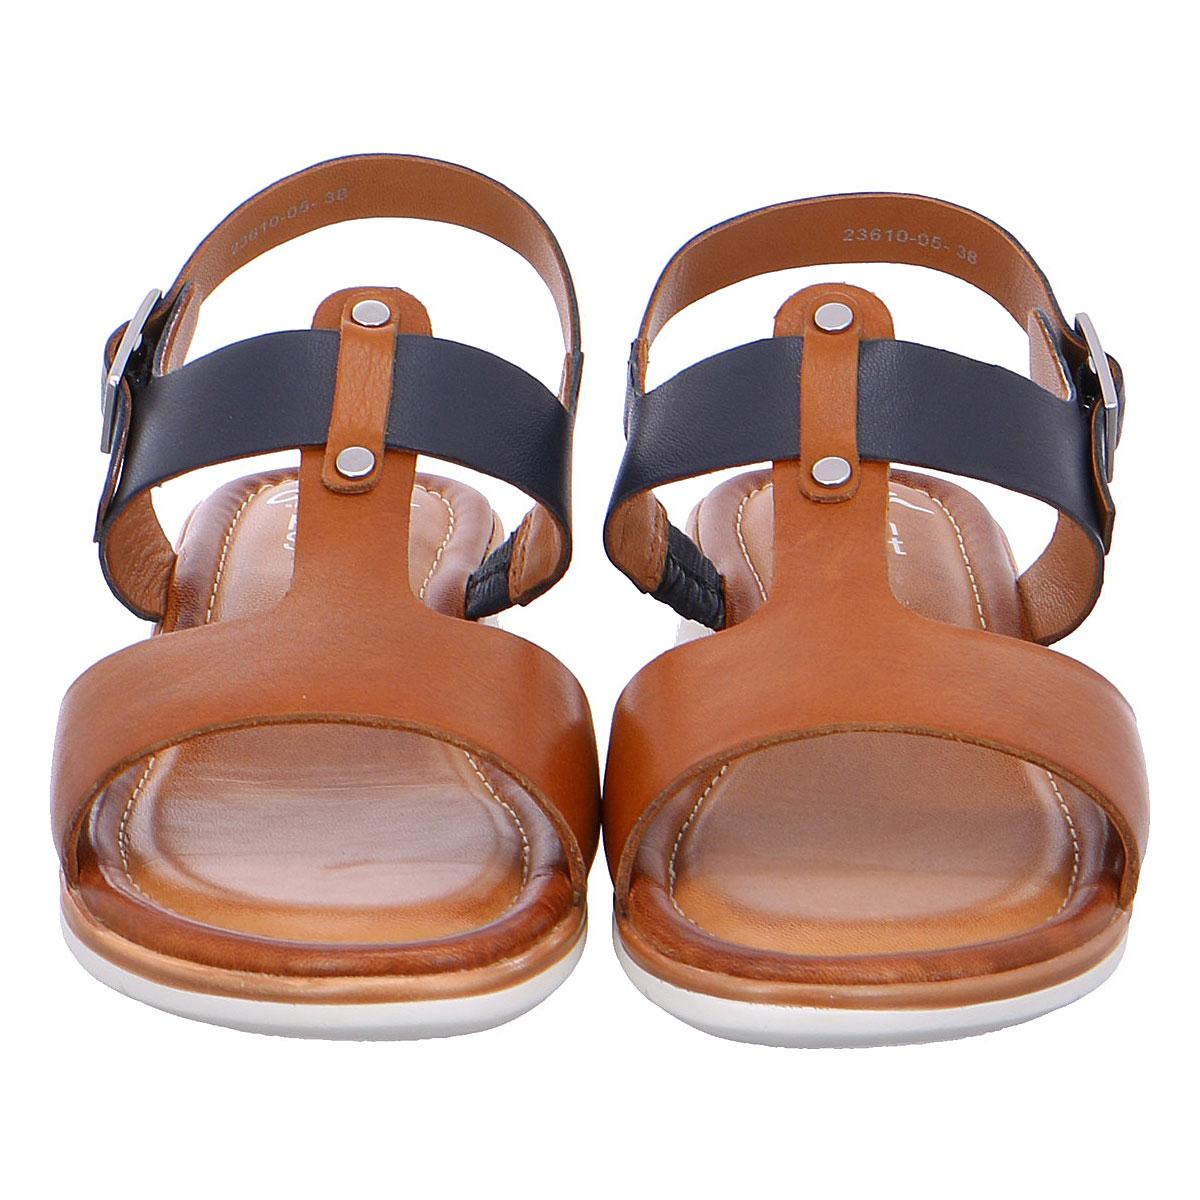 Дамски сандали от ест. кожа ara 12-23610-05 тъмно синьо с кафяво - снимка 6